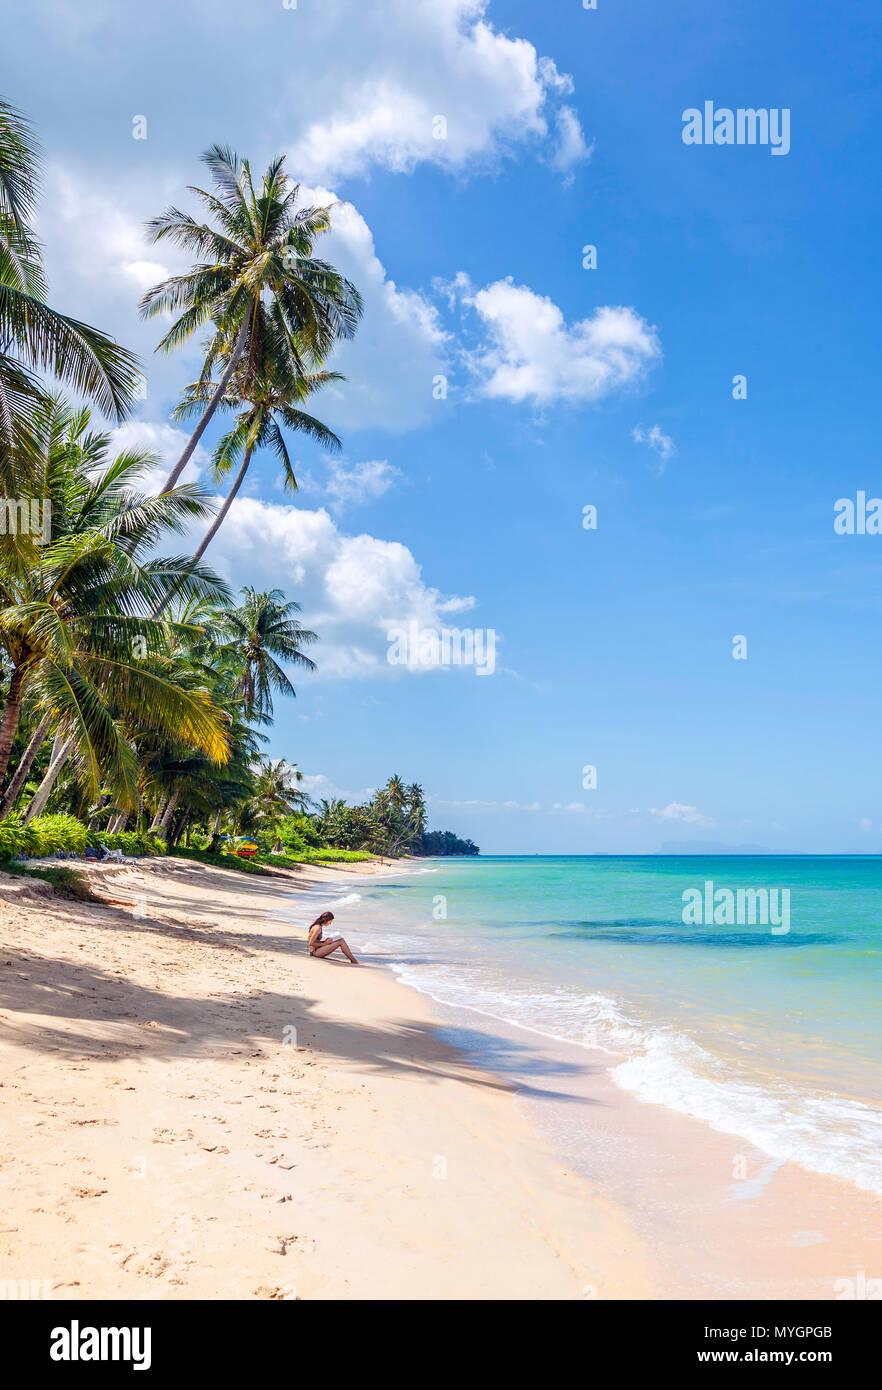 Paradise Island of Koh Samui - Stock Image